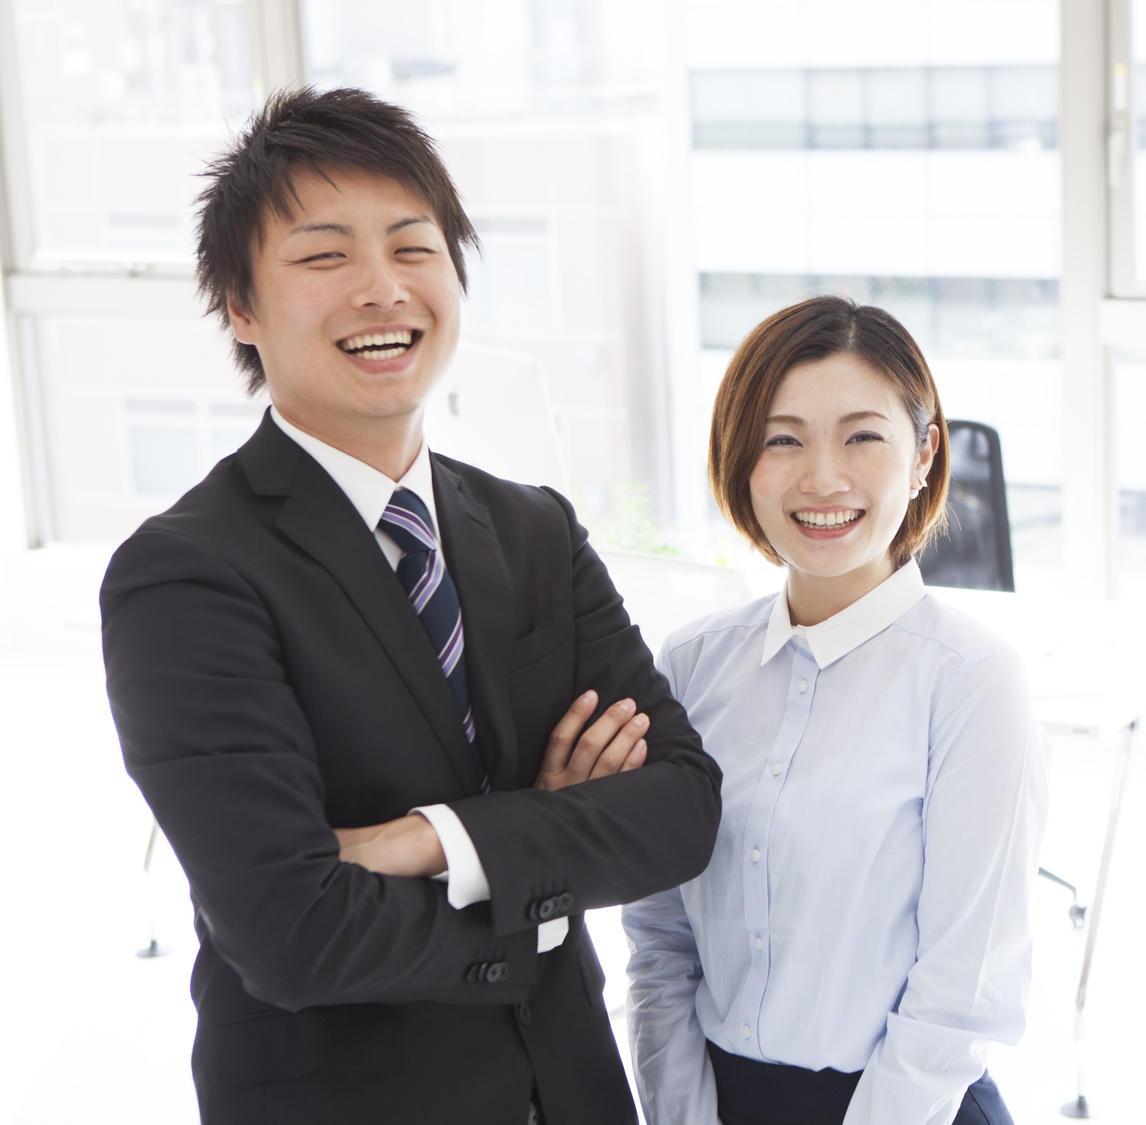 【連載更新】 笑いの健康効果 -不安、痛みの軽減